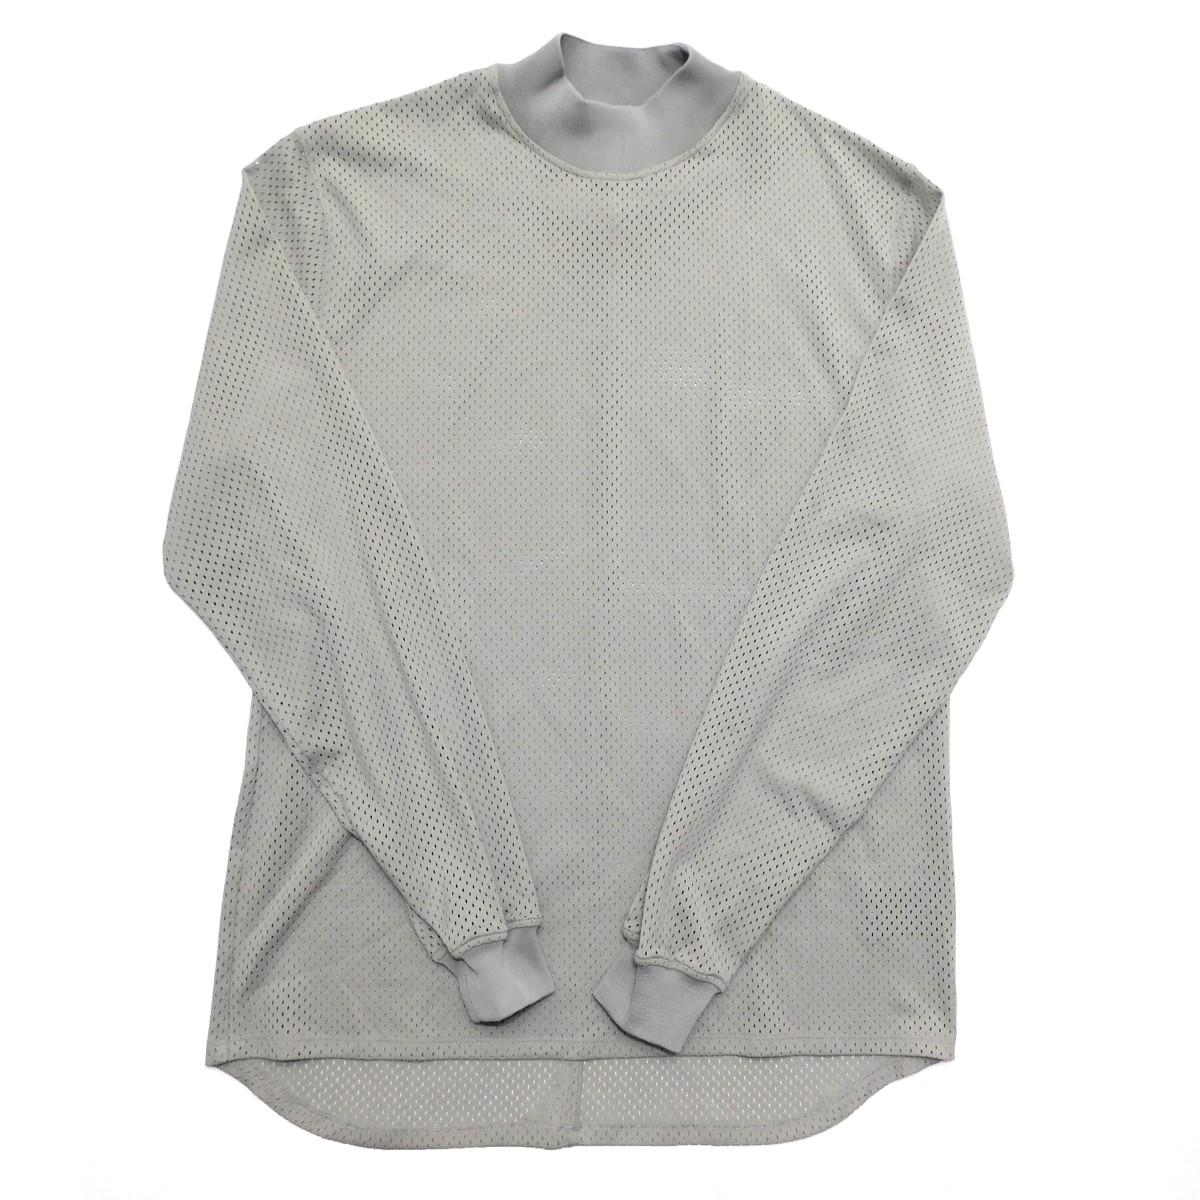 【中古】FEAR OF GOD FIFTH Collection Mesh Long Sleeve Shirt メッシュロンT グレー サイズ:S 【120220】(フィアーオブゴッド)